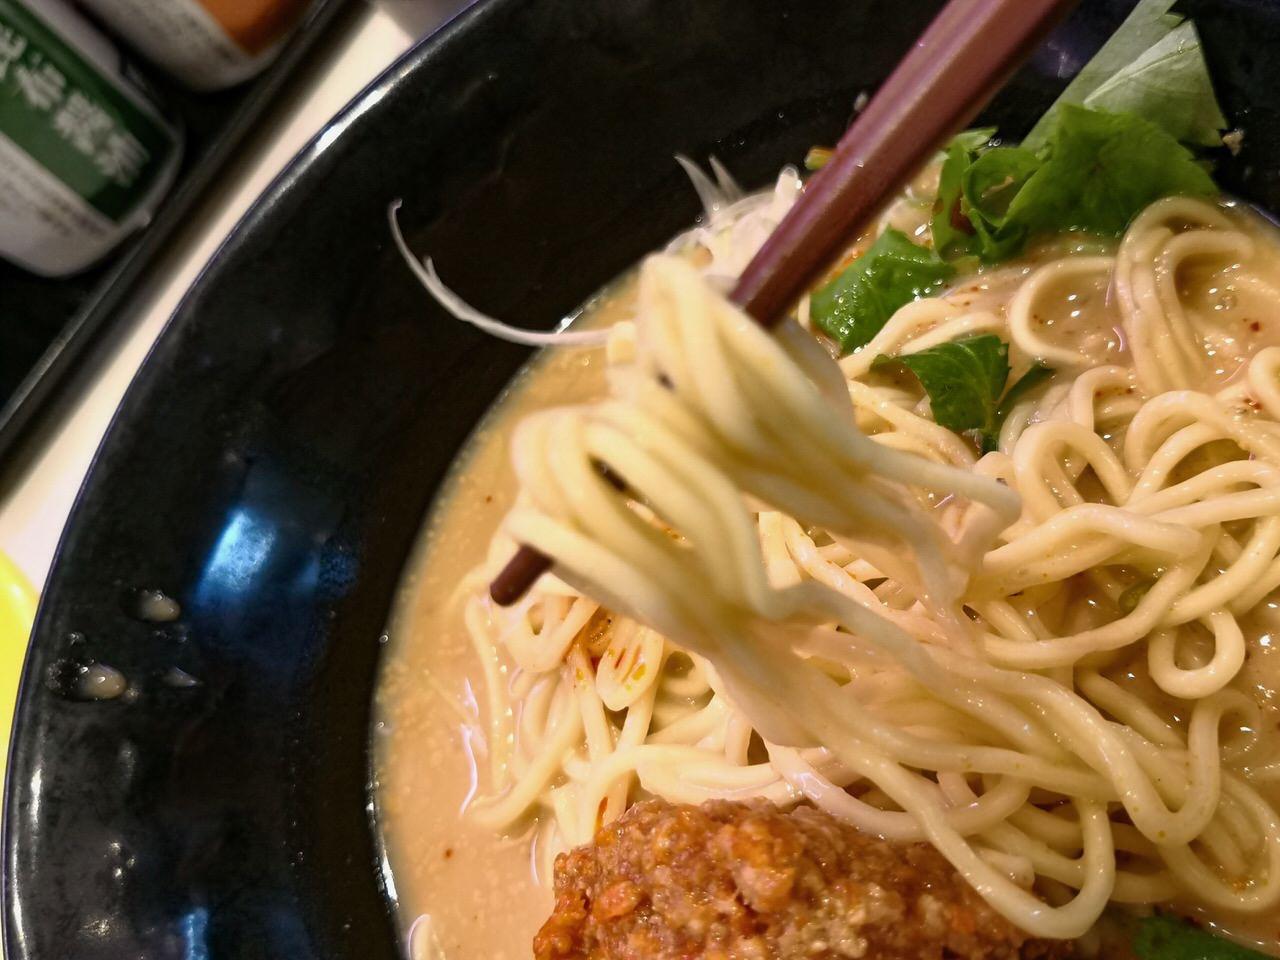 はま寿司の夏メニュー「冷やし担々麺」6